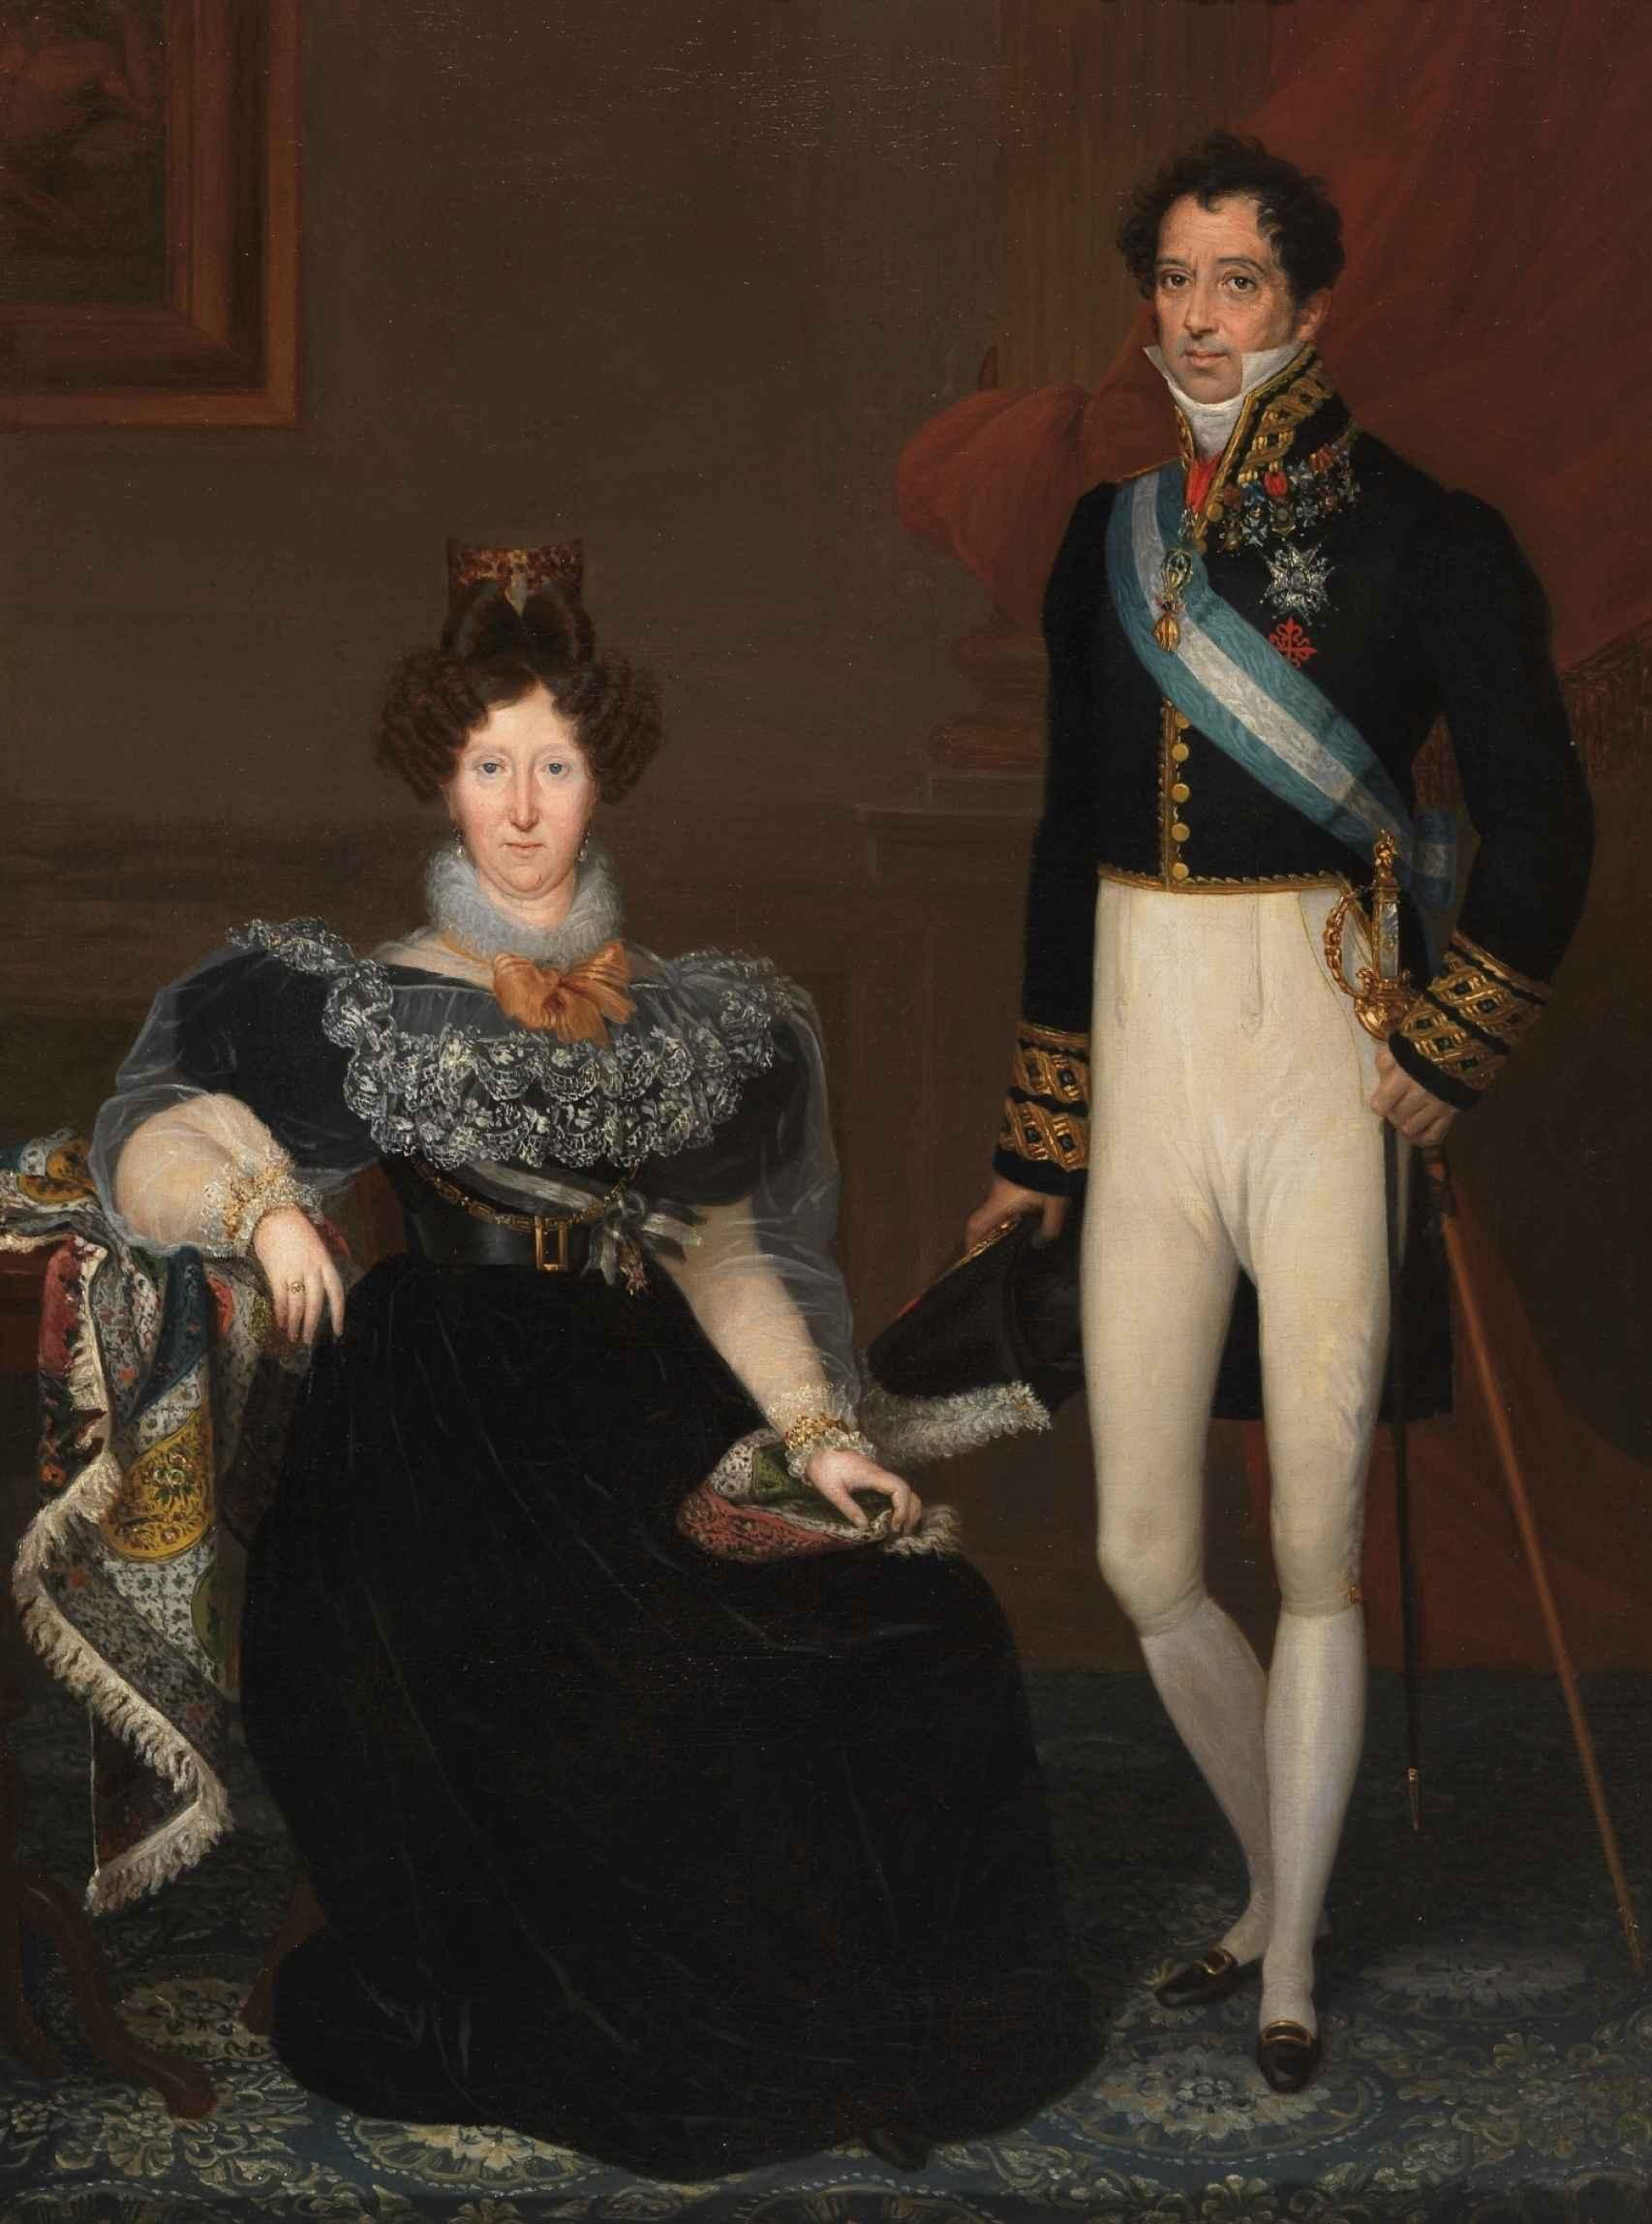 'Los duques de San Fernando de Quiroga', obra de Rosario Weiss entregada en depósito al Museo de Arte Moderno de Madrid en 1942 y que ahora se expone en el Prado.